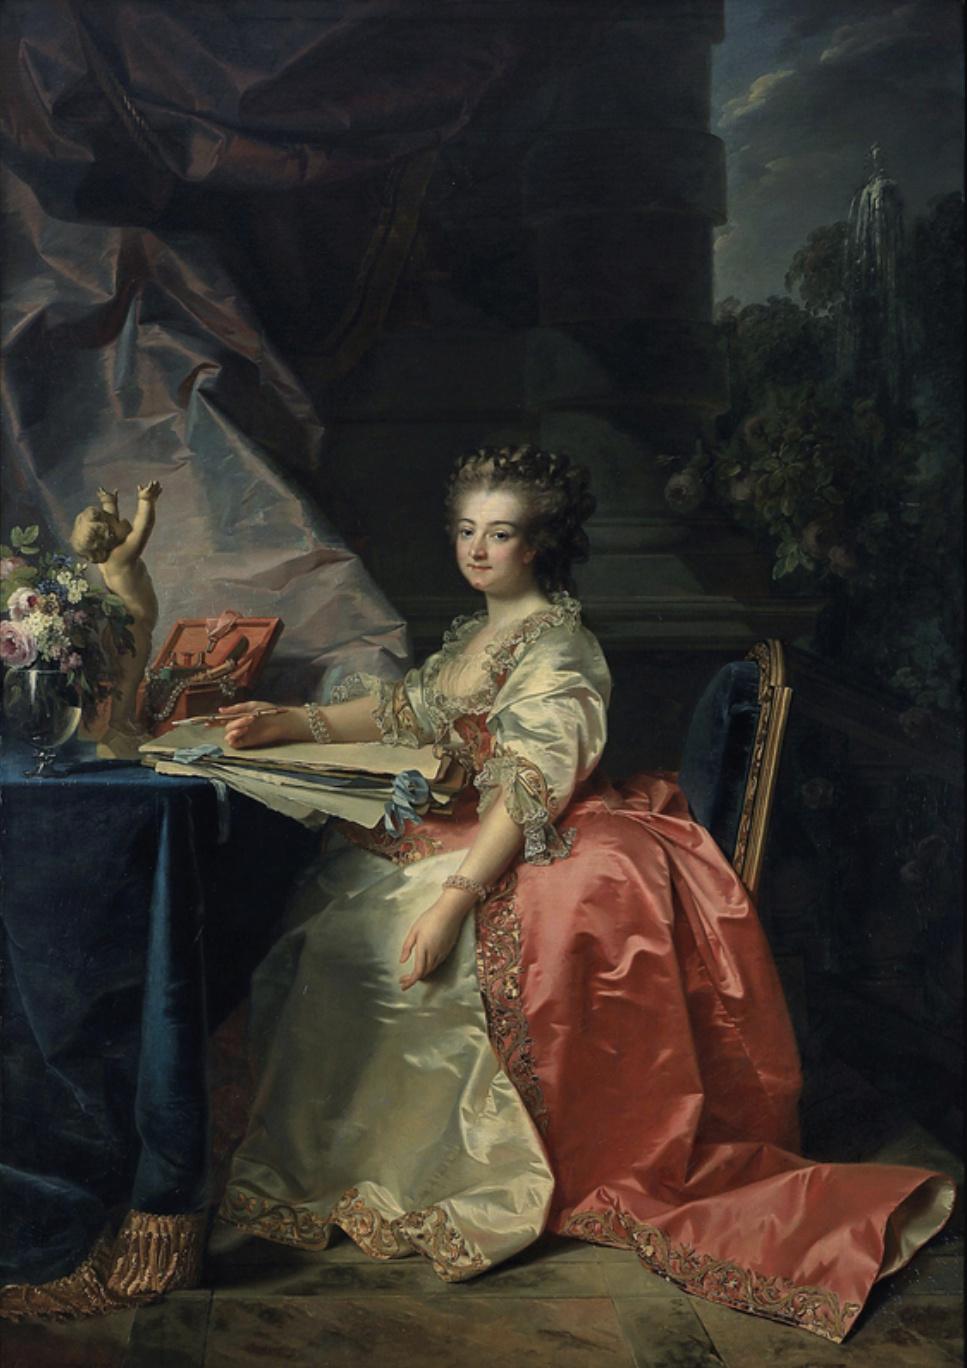 Marie-Thérèse-Louise de Savoie-Carignan, princesse de Lamballe - Page 4 Prince27